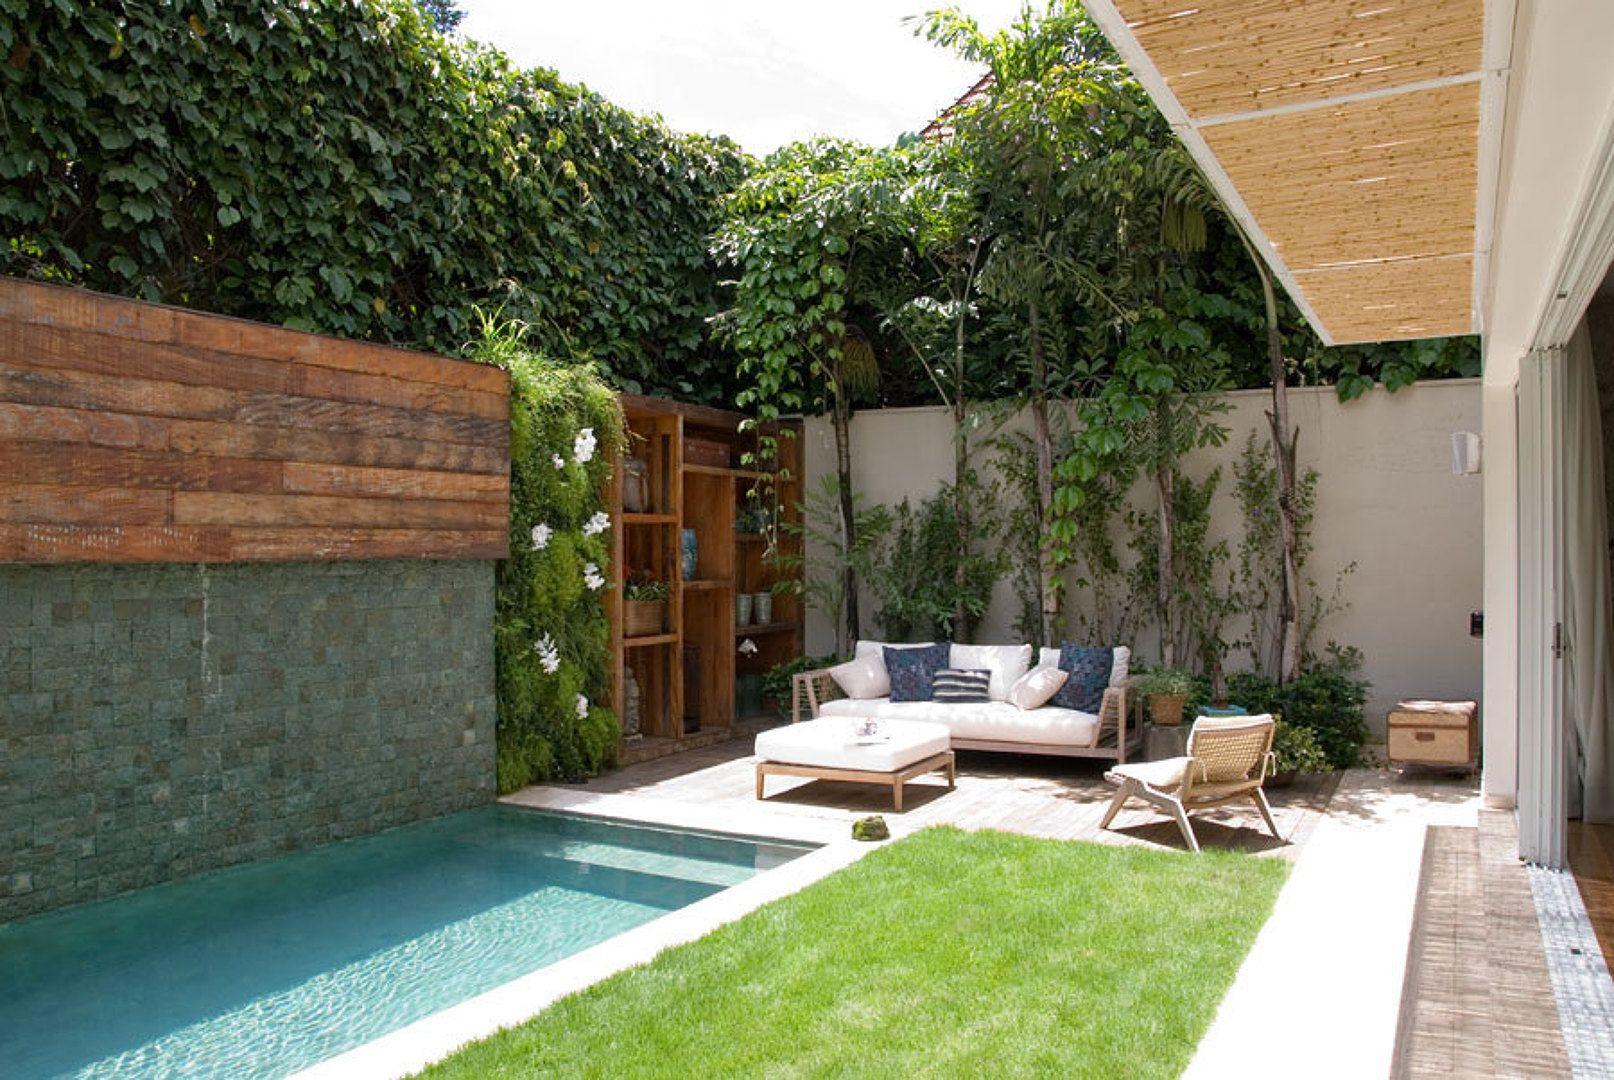 Patio con piscina piscinas pinterest piscinas for Patios con piscina